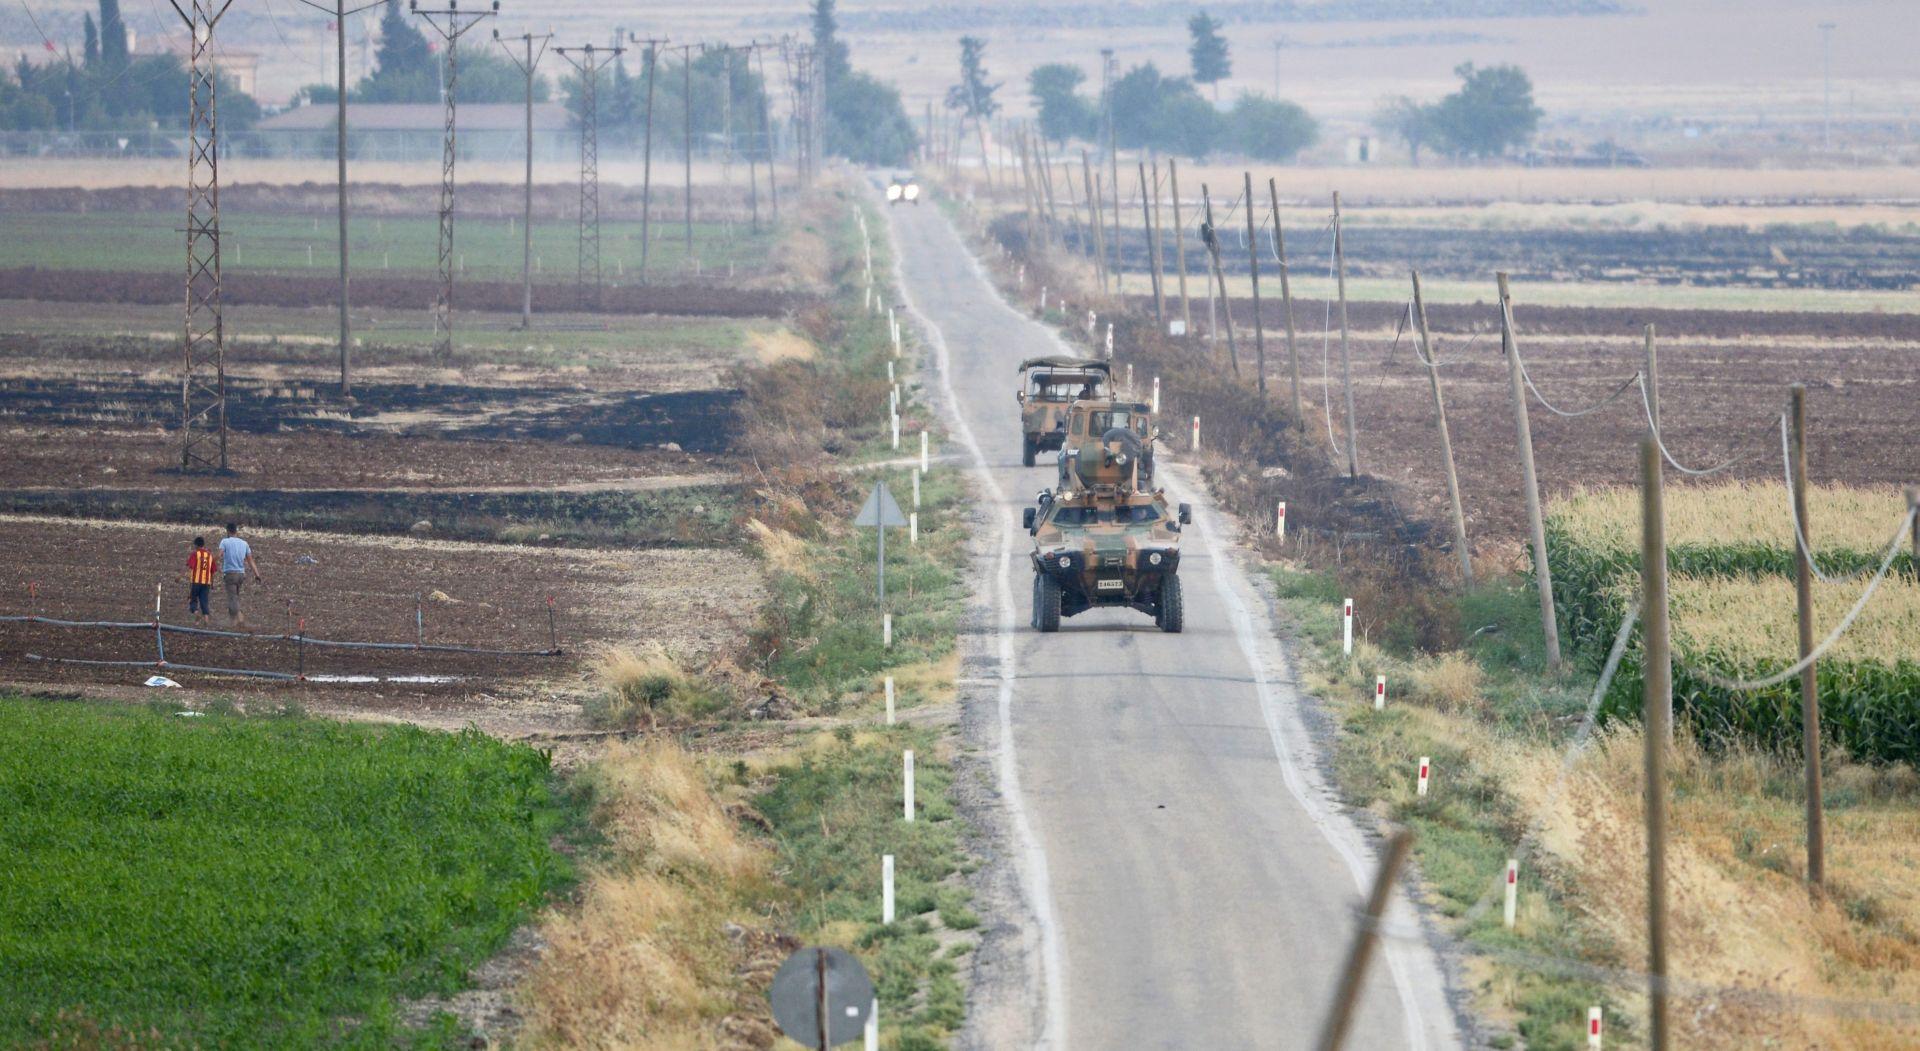 Rakete iz Sirije pale na aerodrom u turskom Gaziantepu